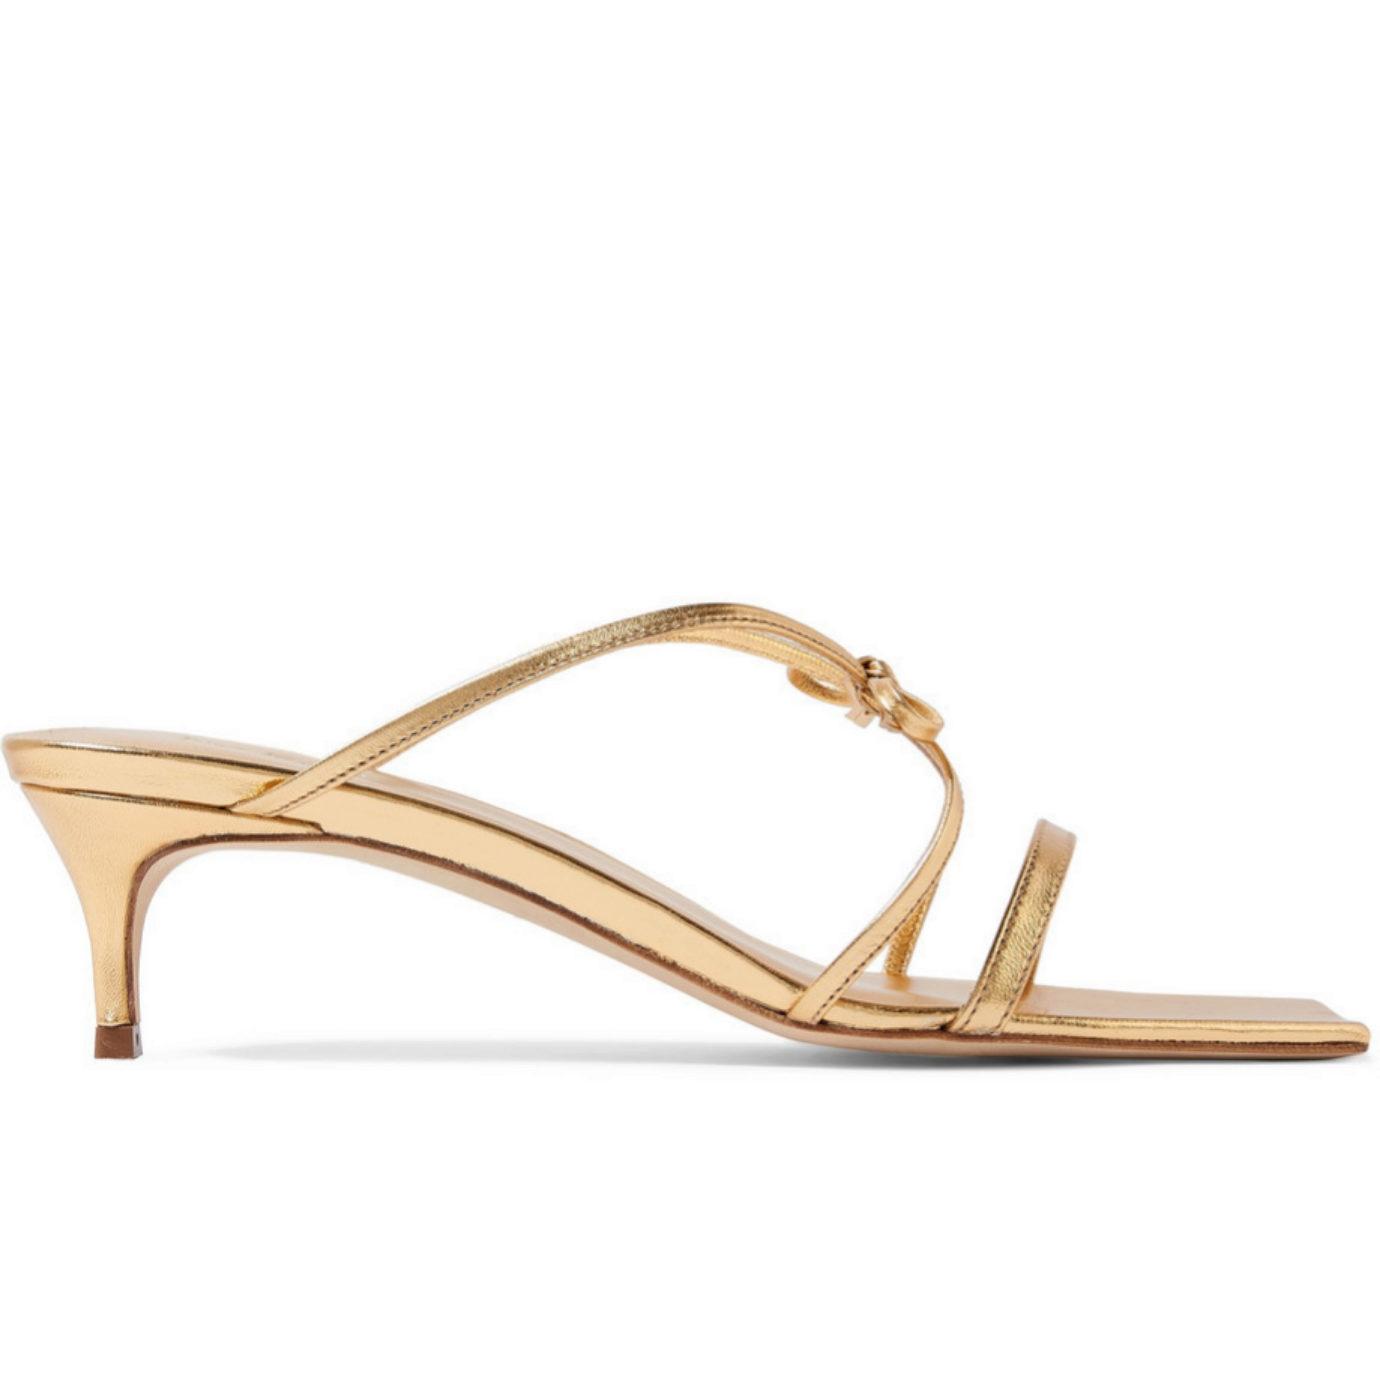 Sandalias de estilo minimal en dorado de By Far para Net a Porter